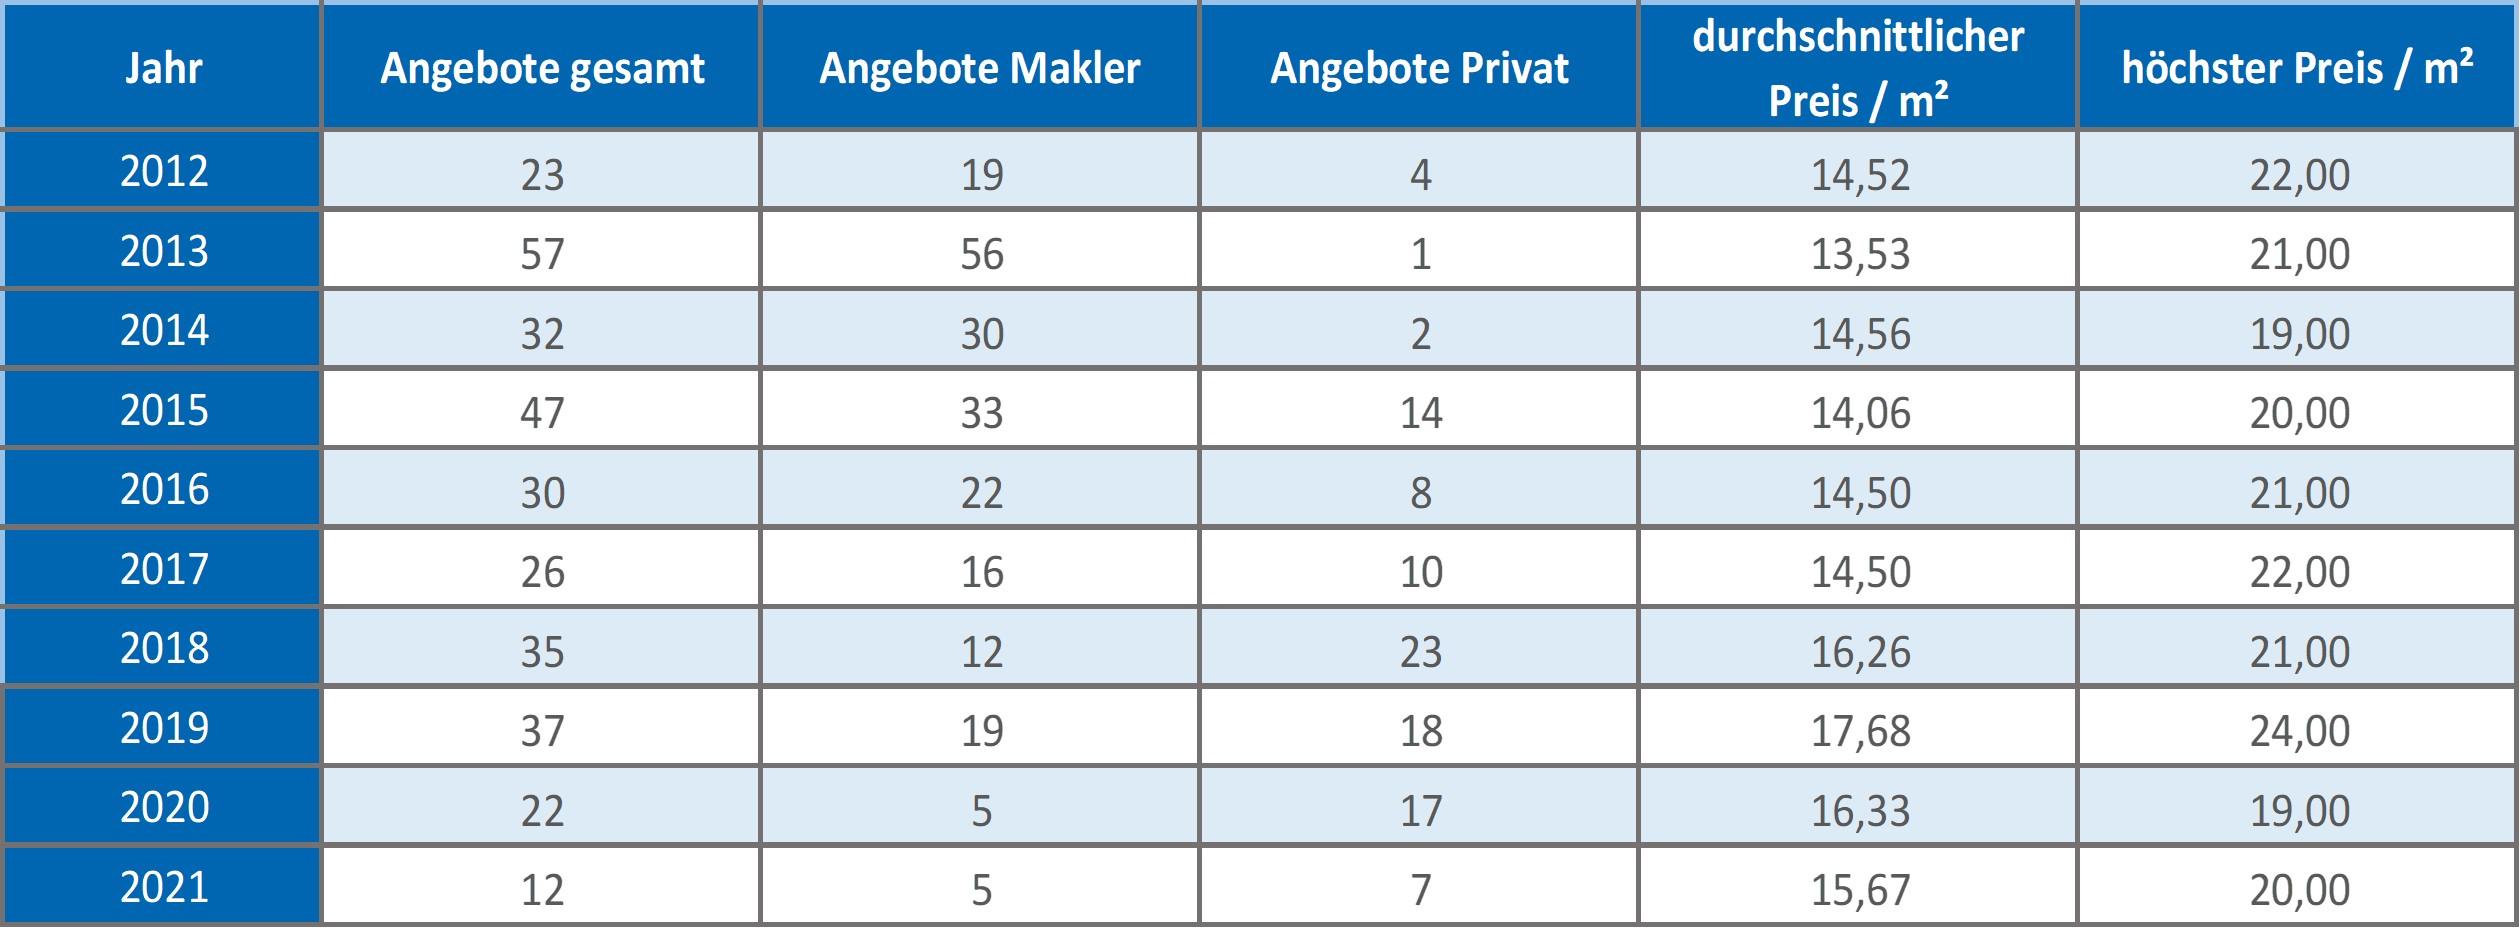 Planegg Wohnung mieten vermieten Preis Bewertung Makler www.happy-immo.de 2019 2020 2021